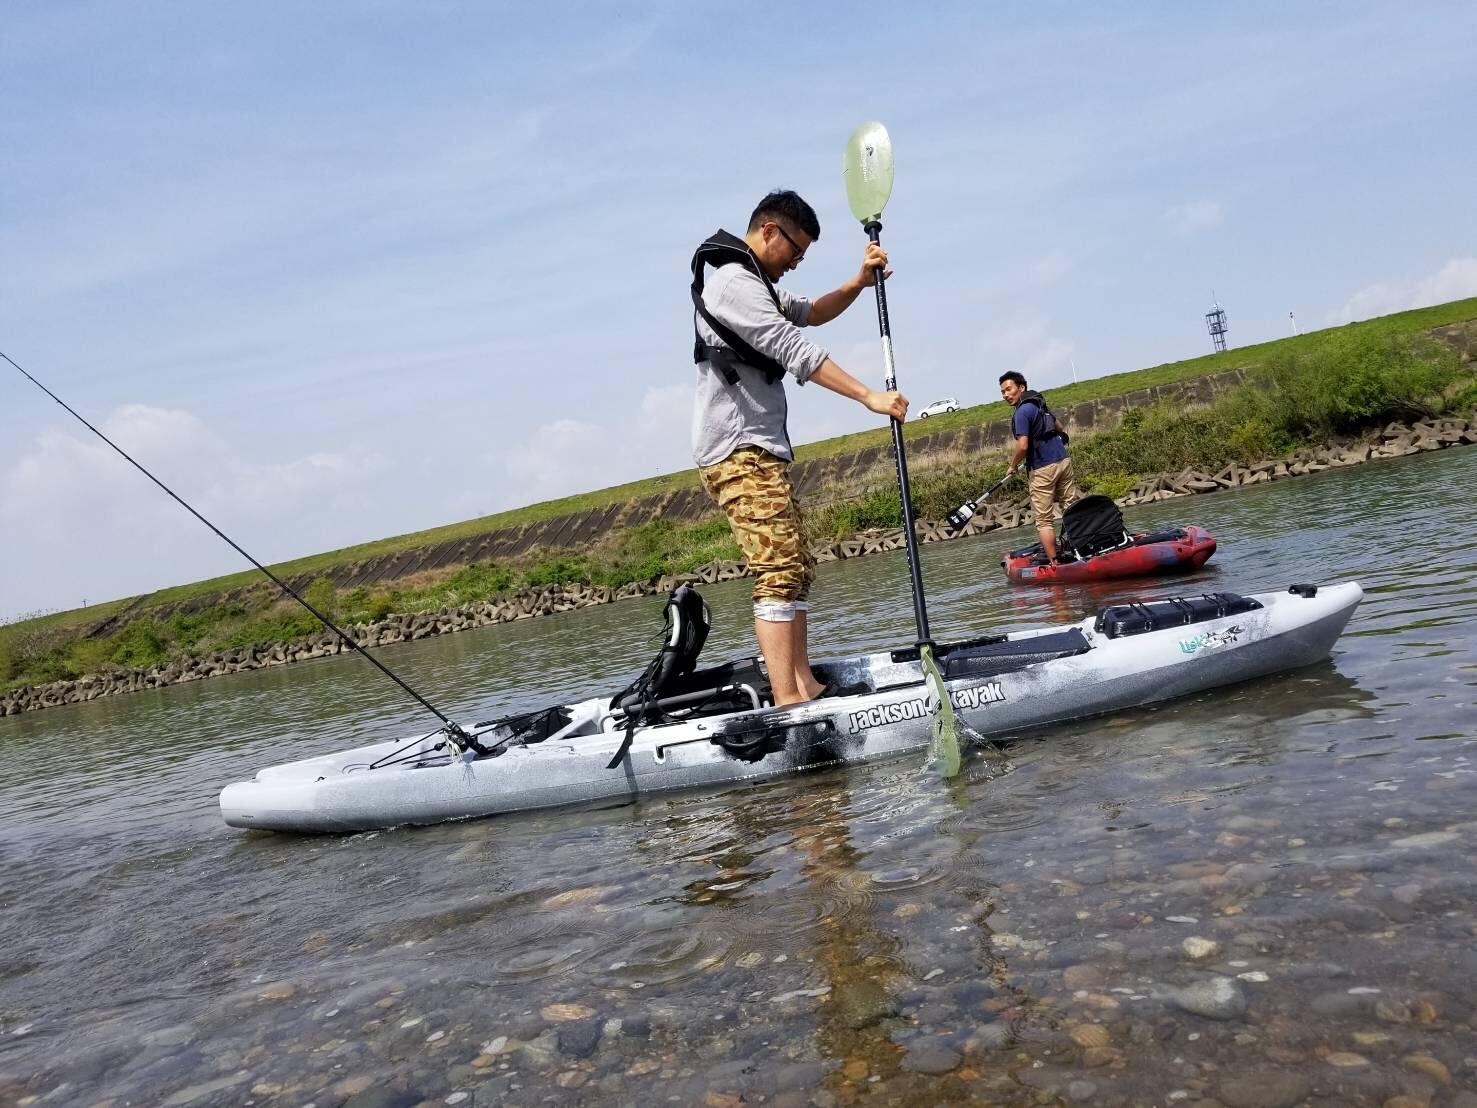 5月3日 琵琶湖 ジャクソンカヤック試乗会のお知らせ